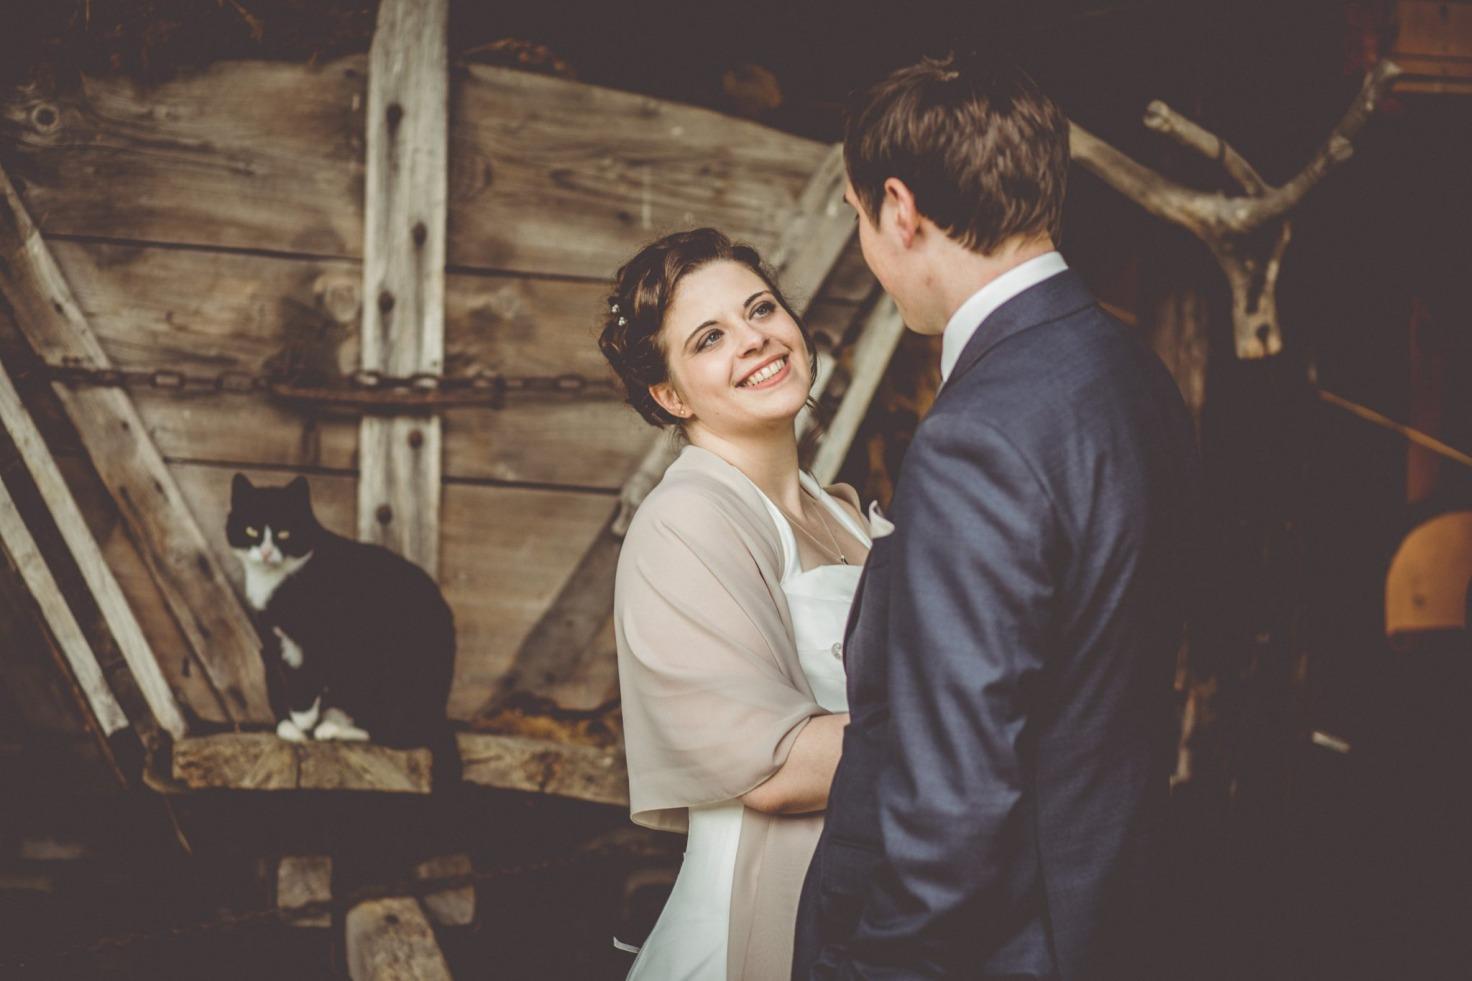 Hochzeit von Bea und Matt in Münster: Im Hintergrund des Brautpaares sitzt eine Katze